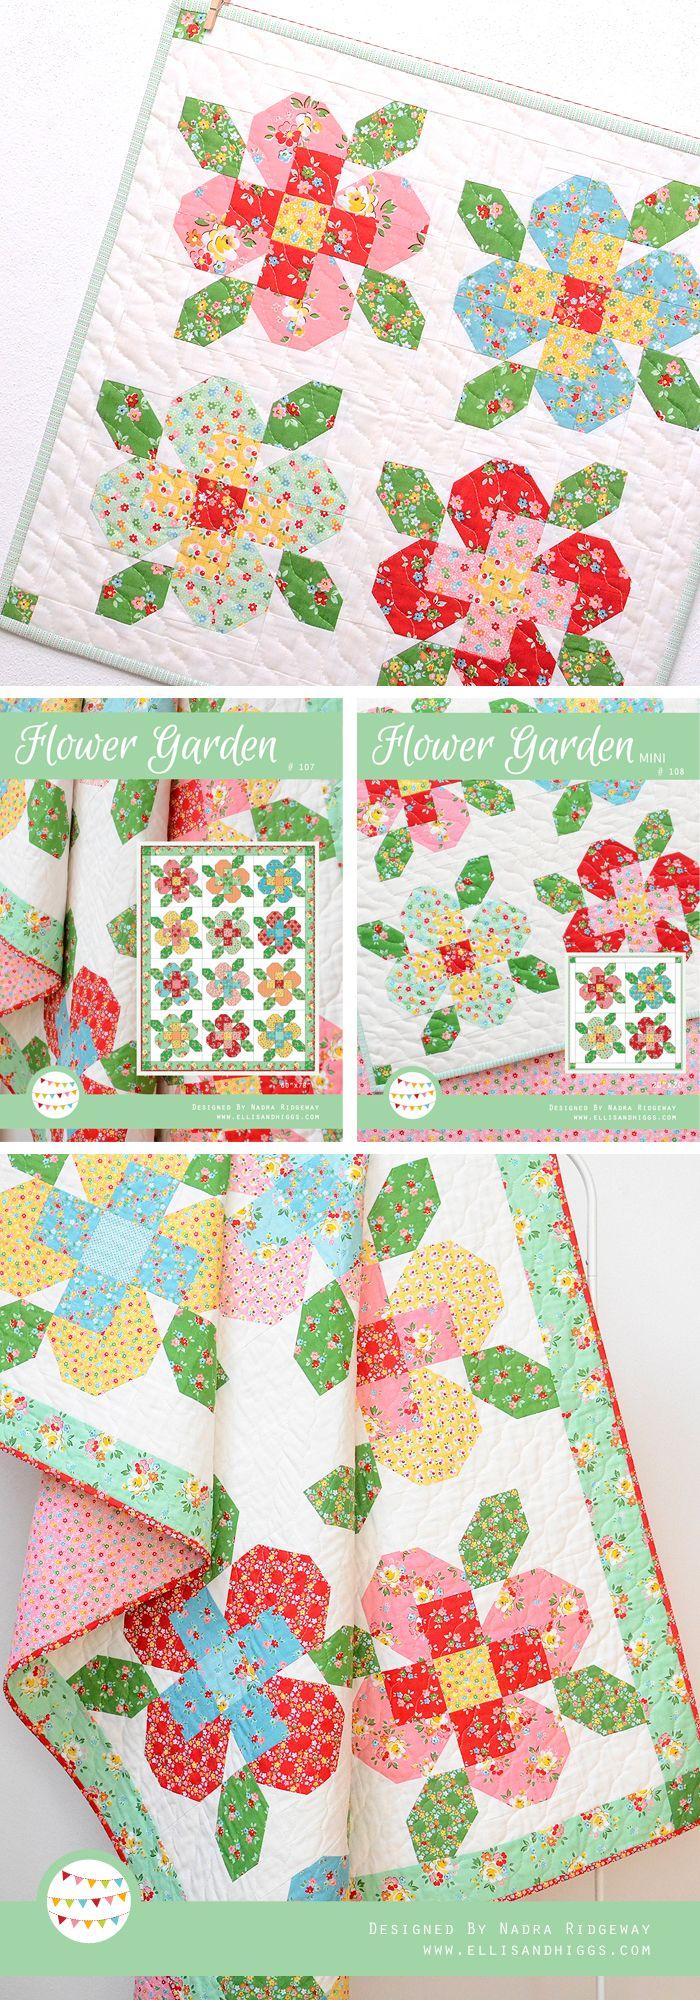 Flower Garden Quilts By Nadra Ridgeway Restequilt Quilts Steppmuster